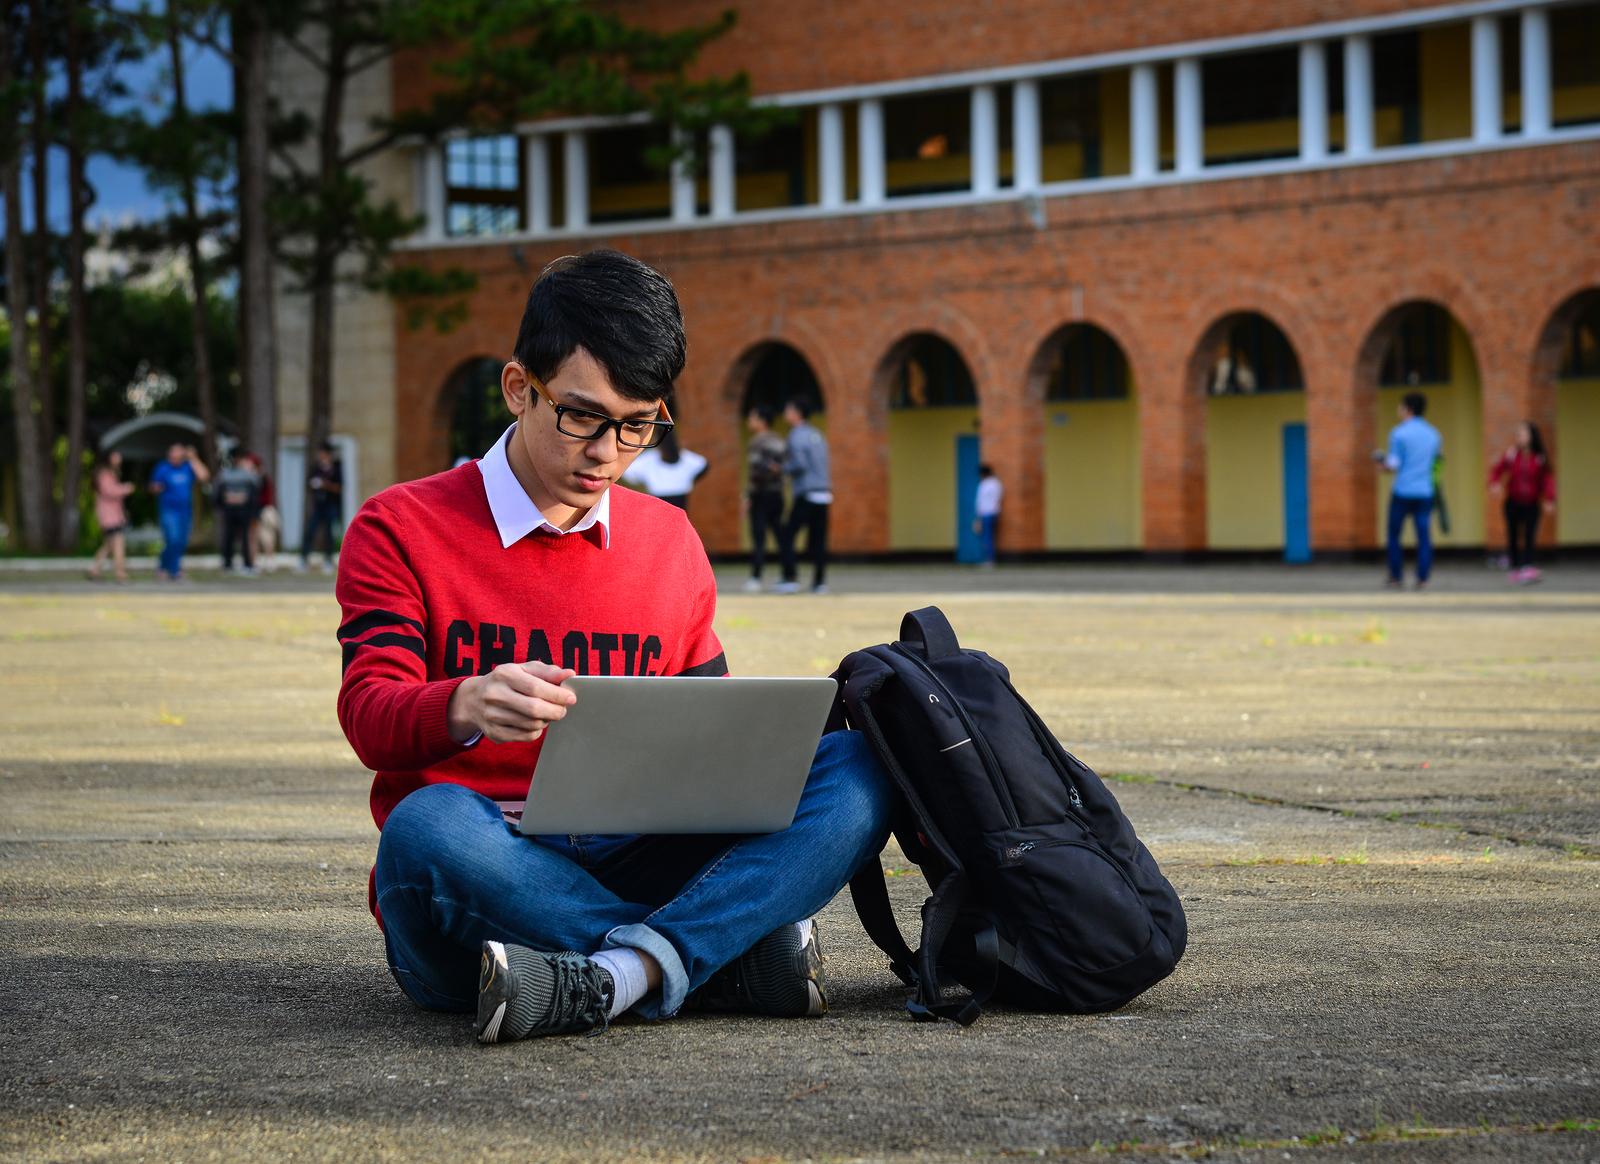 Encuesta develó siete razones clave que intervienen en la decisión de los alumnos al escoger una institución universitaria. -